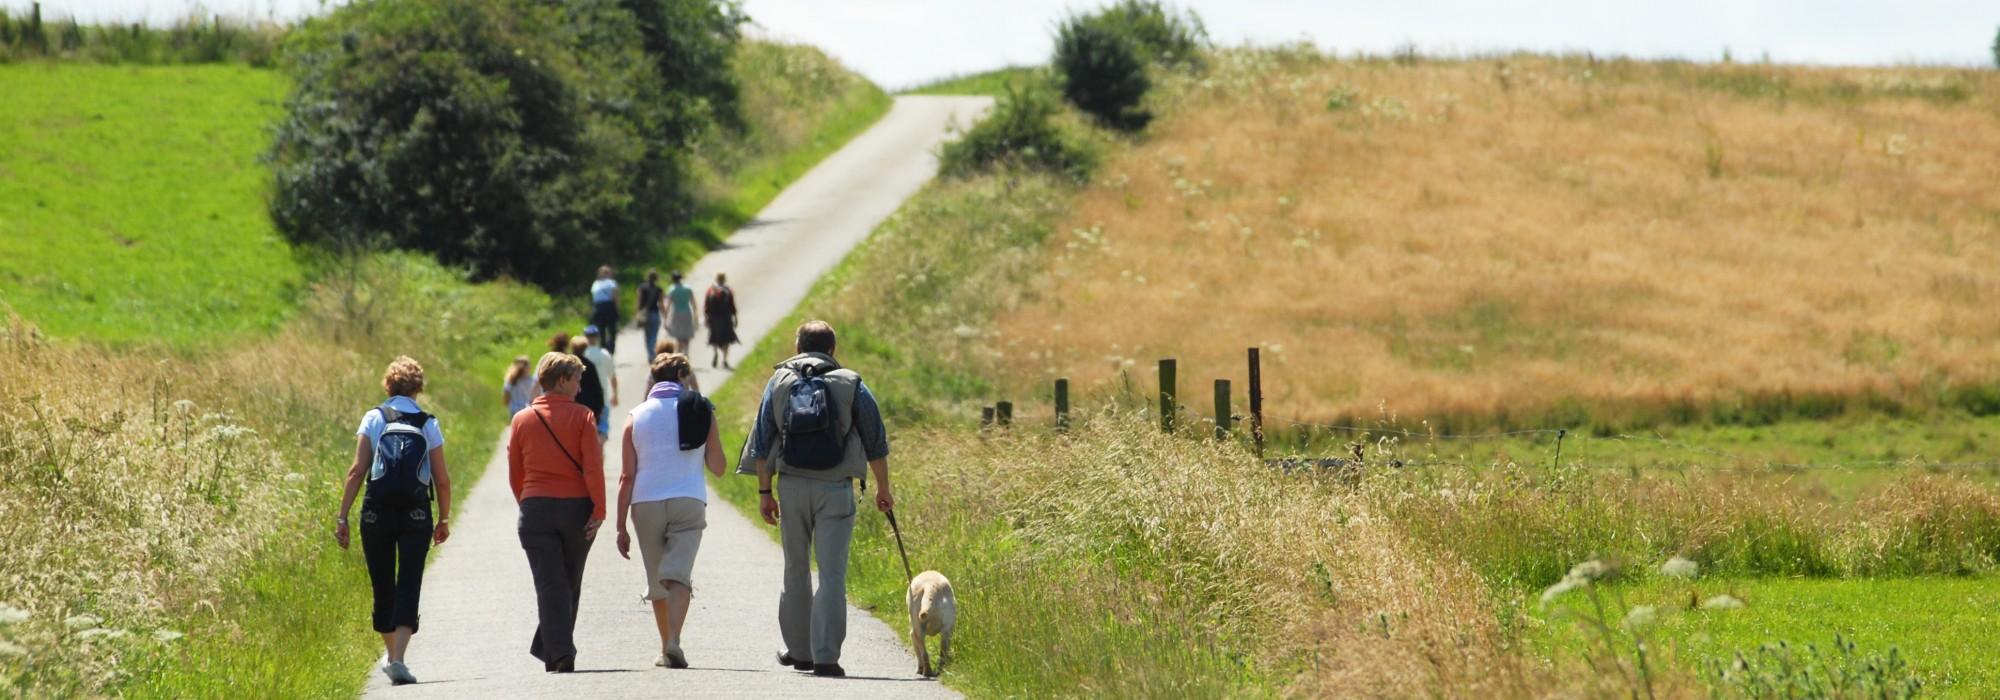 Groupe sur la route dans les champs de blé du Condroz ( PH Roland)